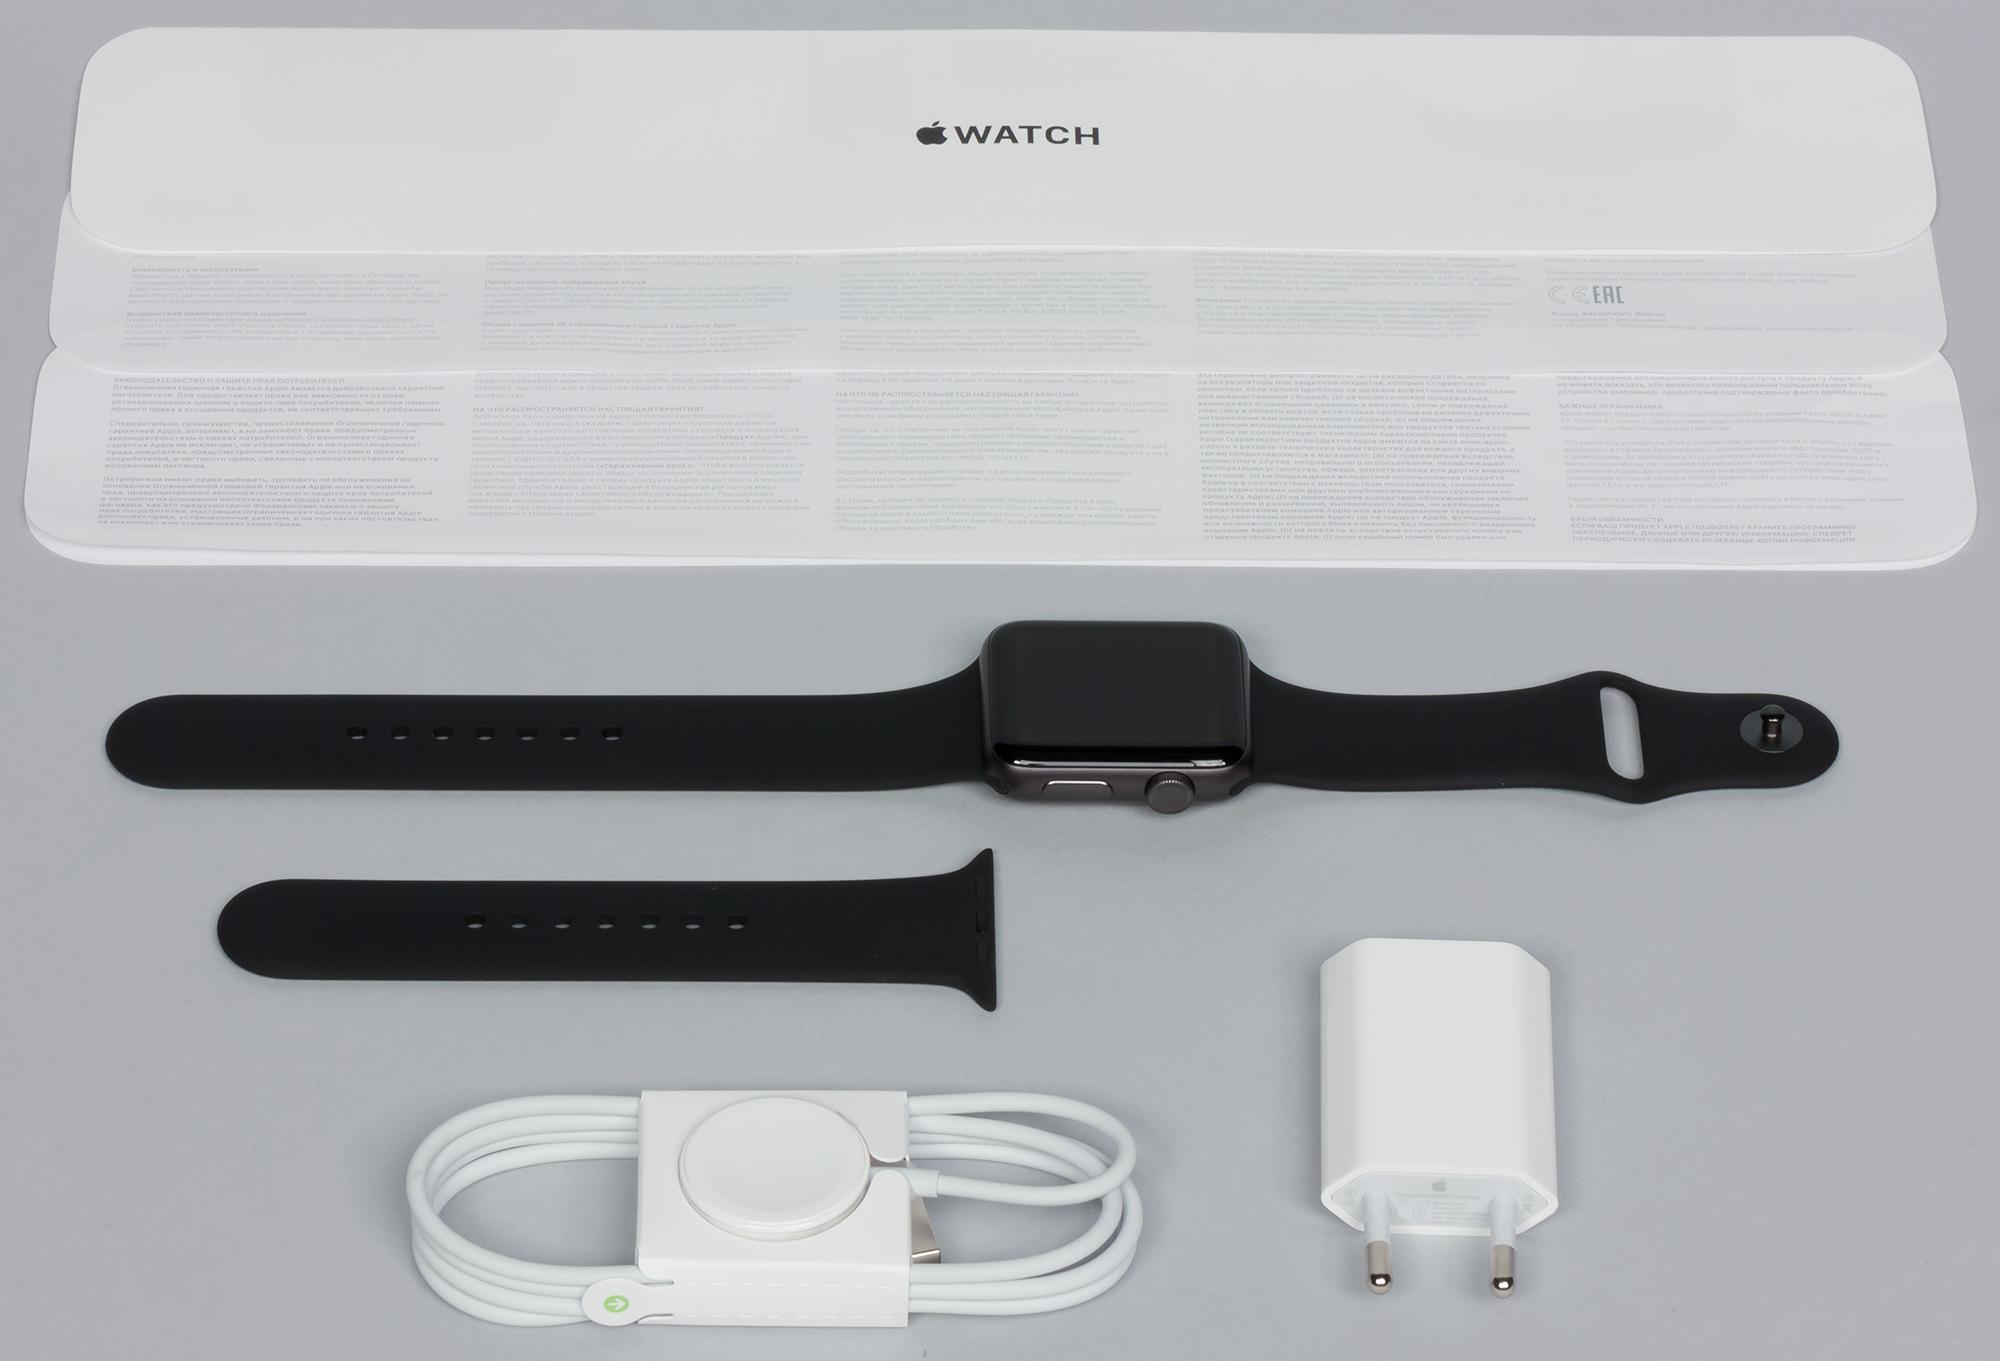 a706dc78efad Зарядное устройство от новых Apple Watch в полной мере совместимо с Apple  Watch Series 2 и Series 1. И наоборот. Следовательно, будут работать и  аксессуары ...